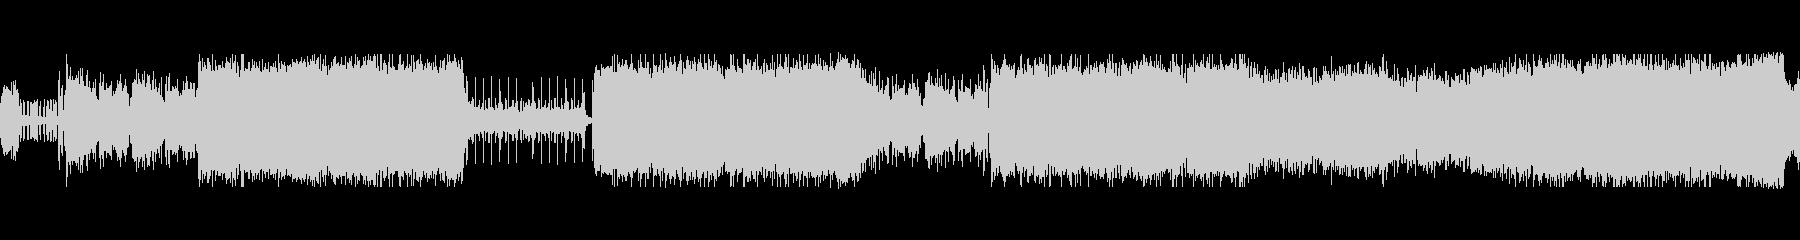 エレキマトリックス風テクノループ曲の未再生の波形